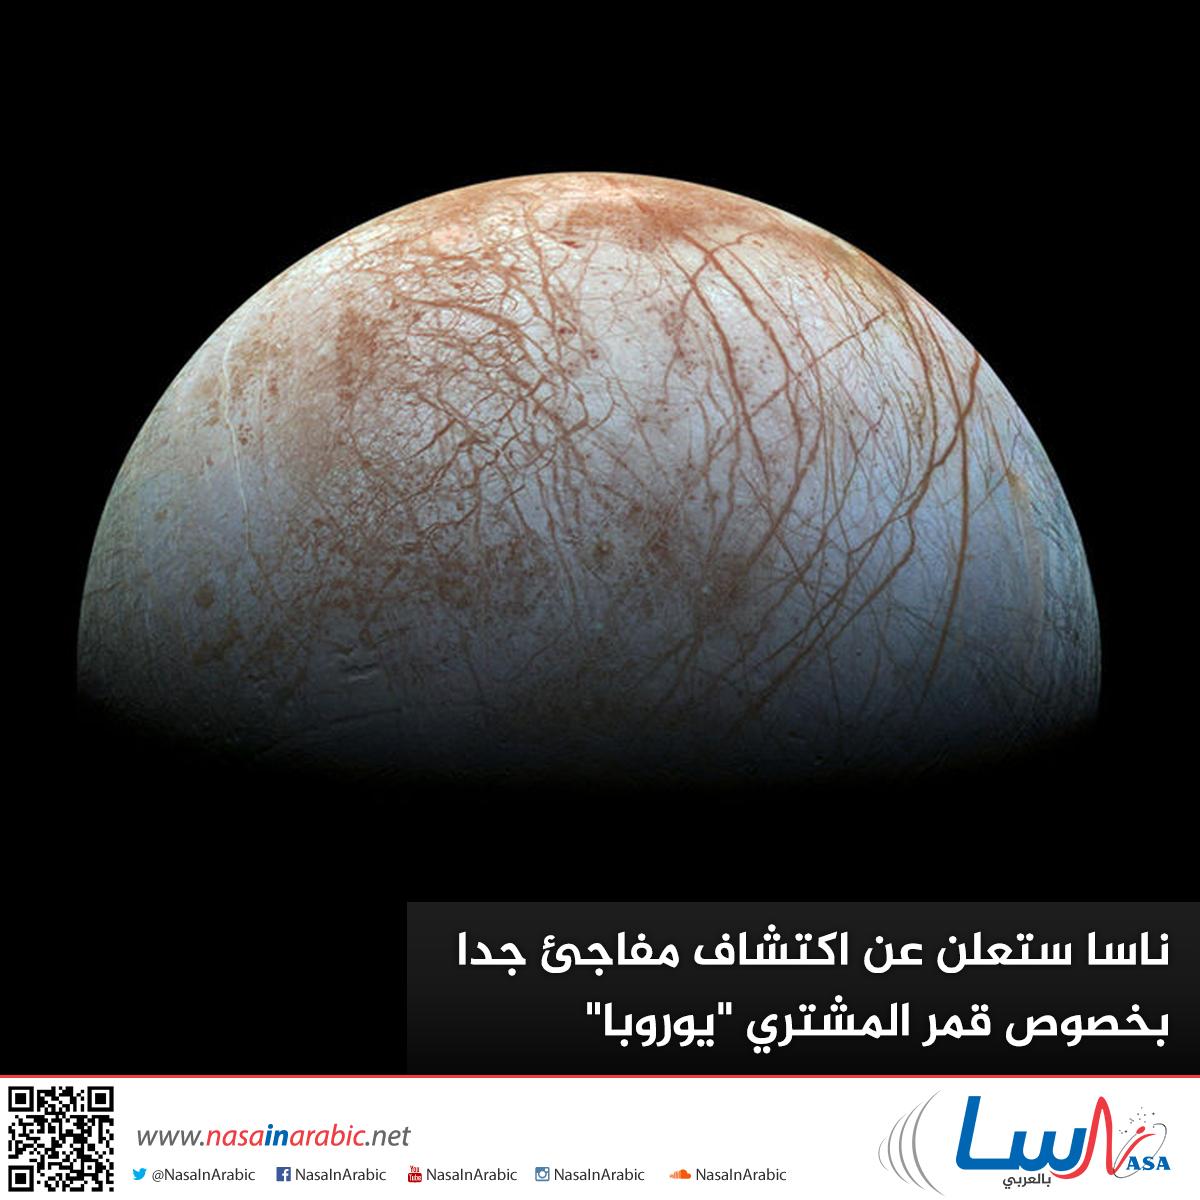 ناسا ستعلن عن اكتشاف مفاجئ جدا بخصوص قمر المشتري